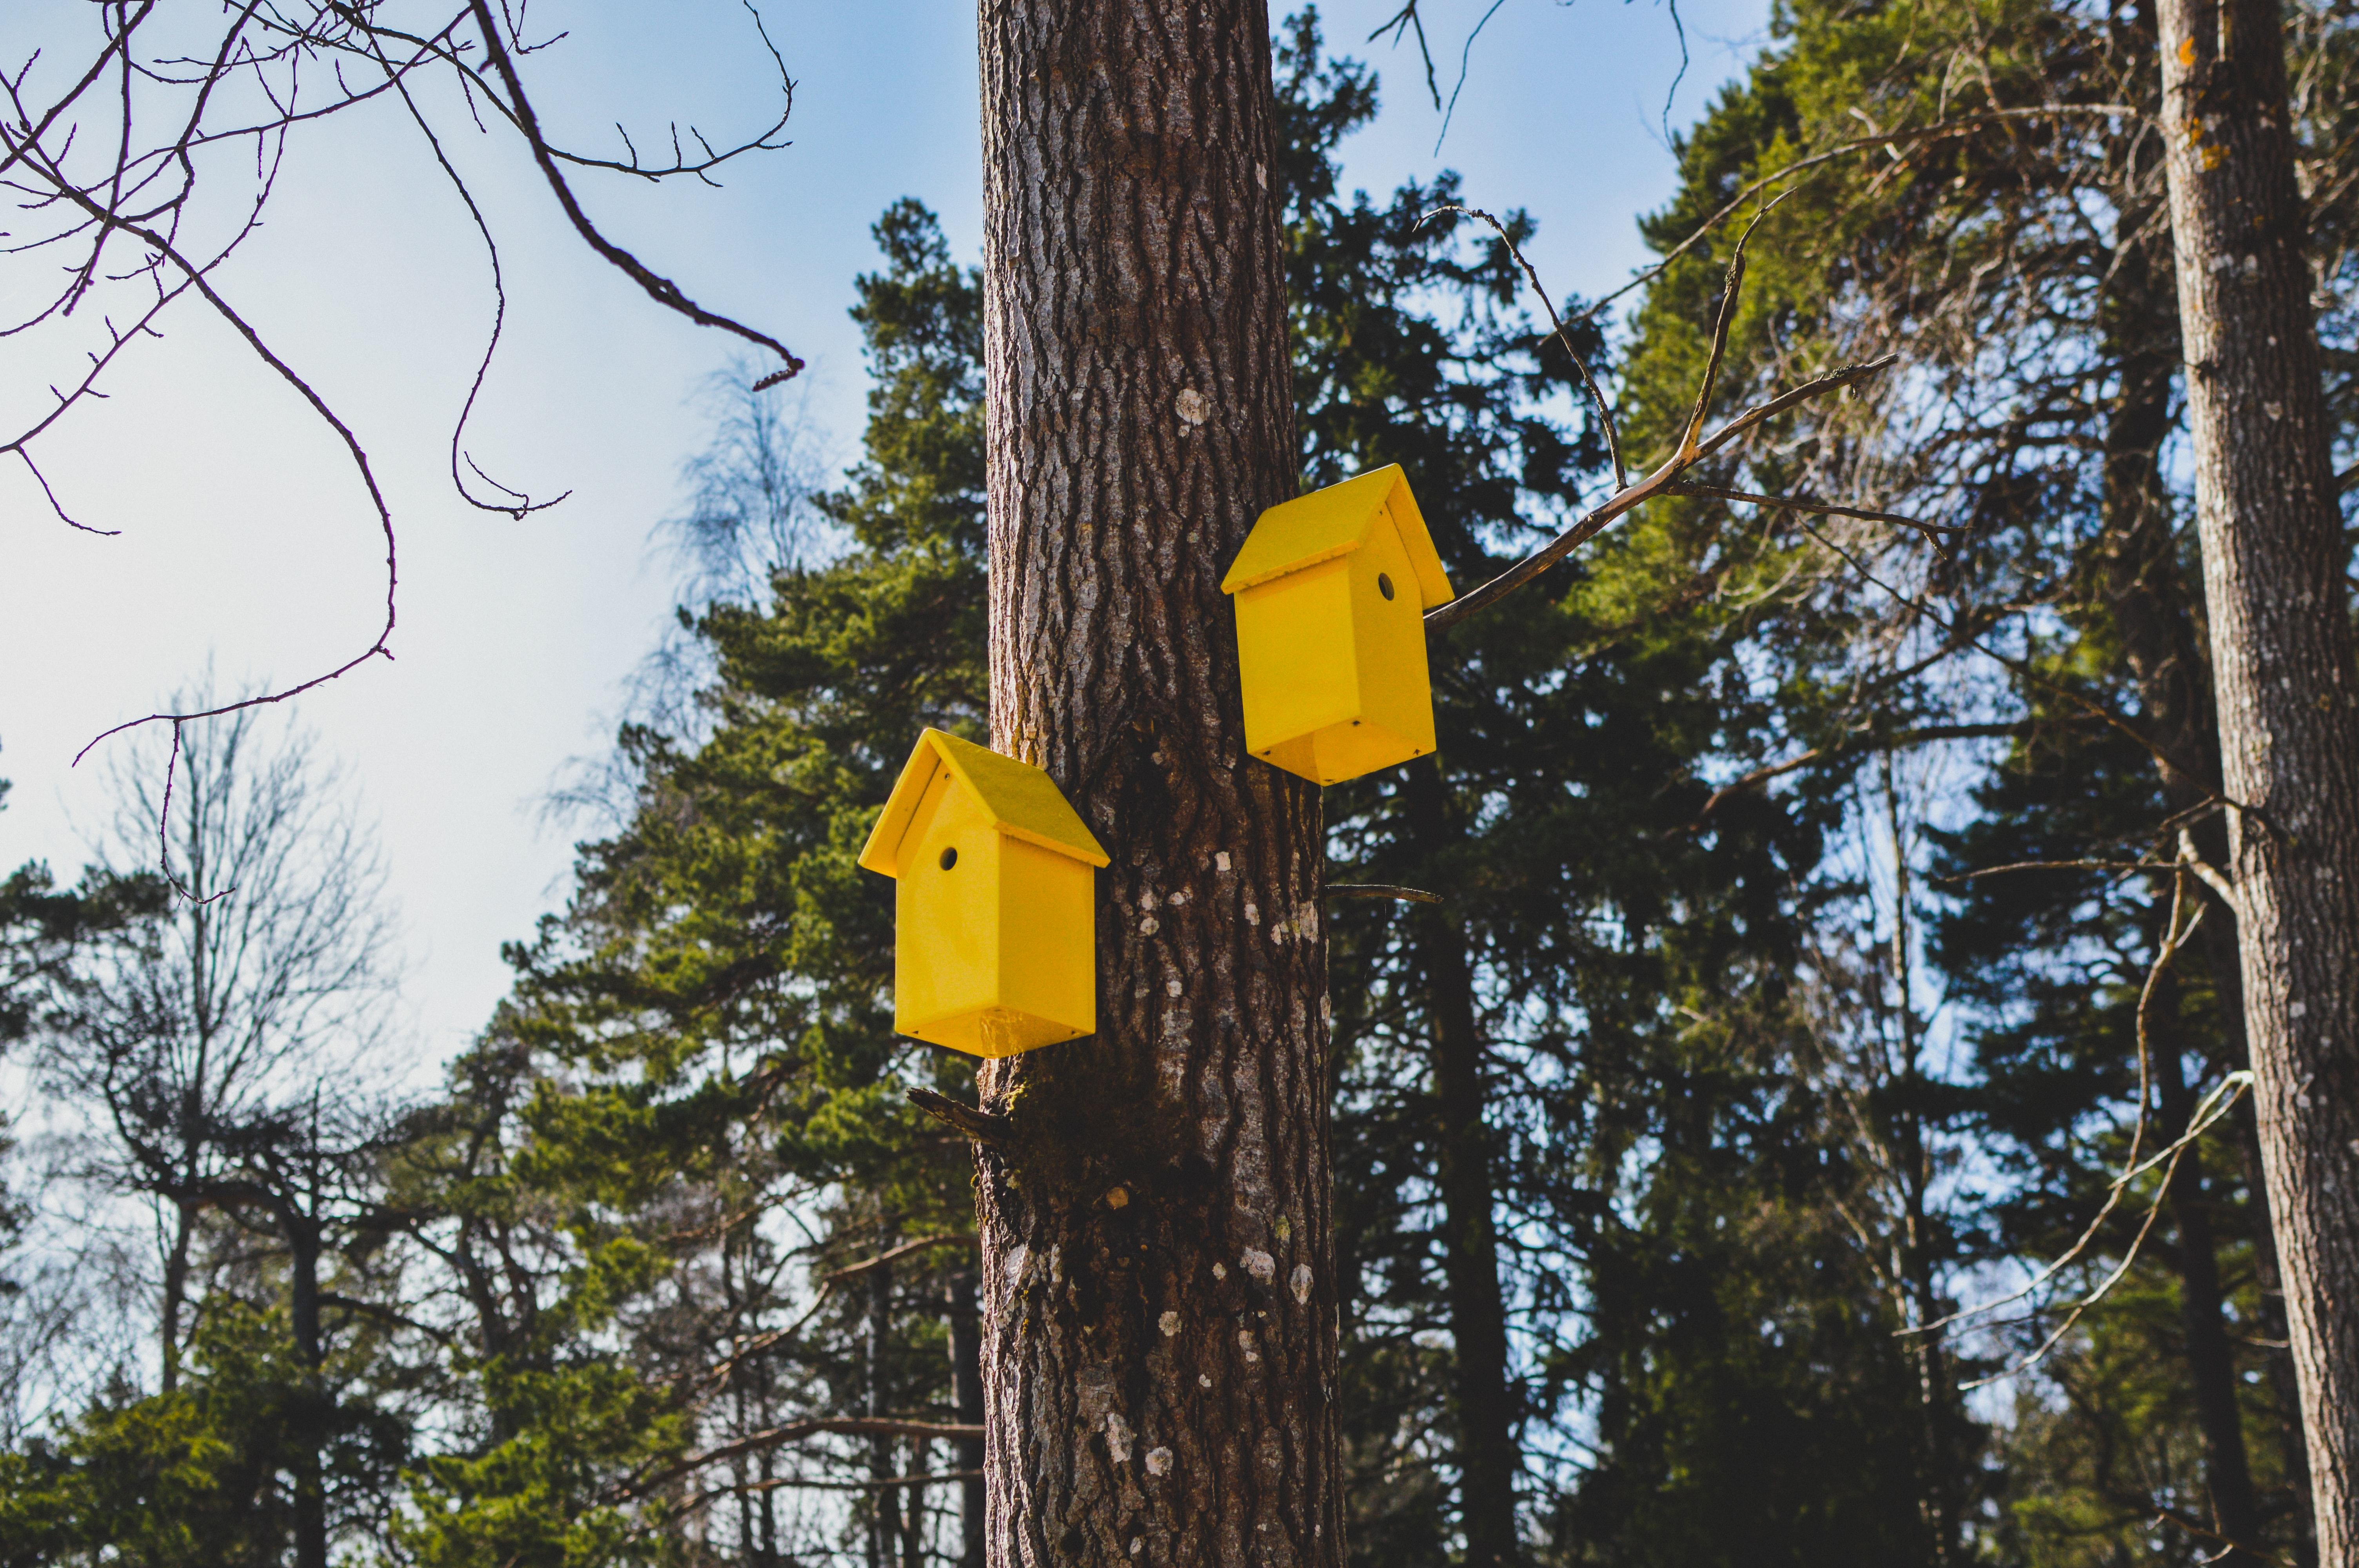 Konkurs na wykonanie budki lęgowej dla ptaków oraz/lub domku dla pożytecznych owadów - edycja 2020